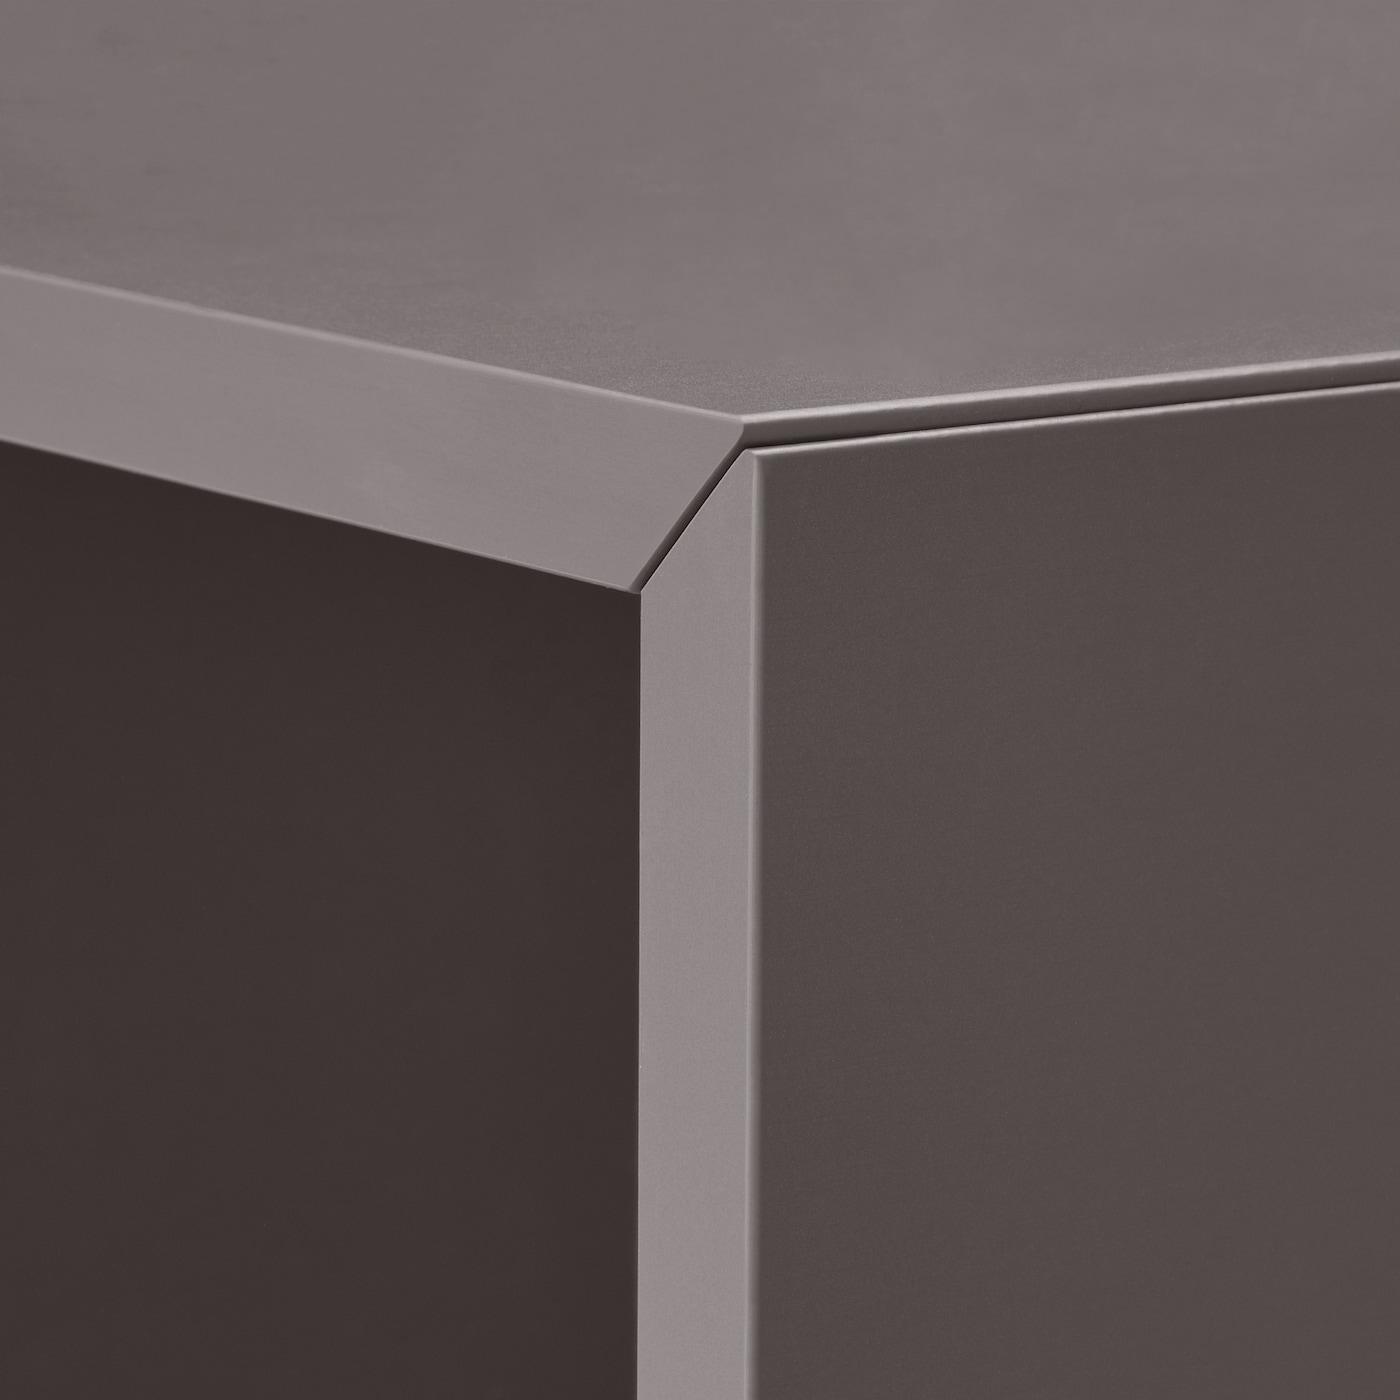 EKET Rangement, gris foncé, 35x35x35 cm